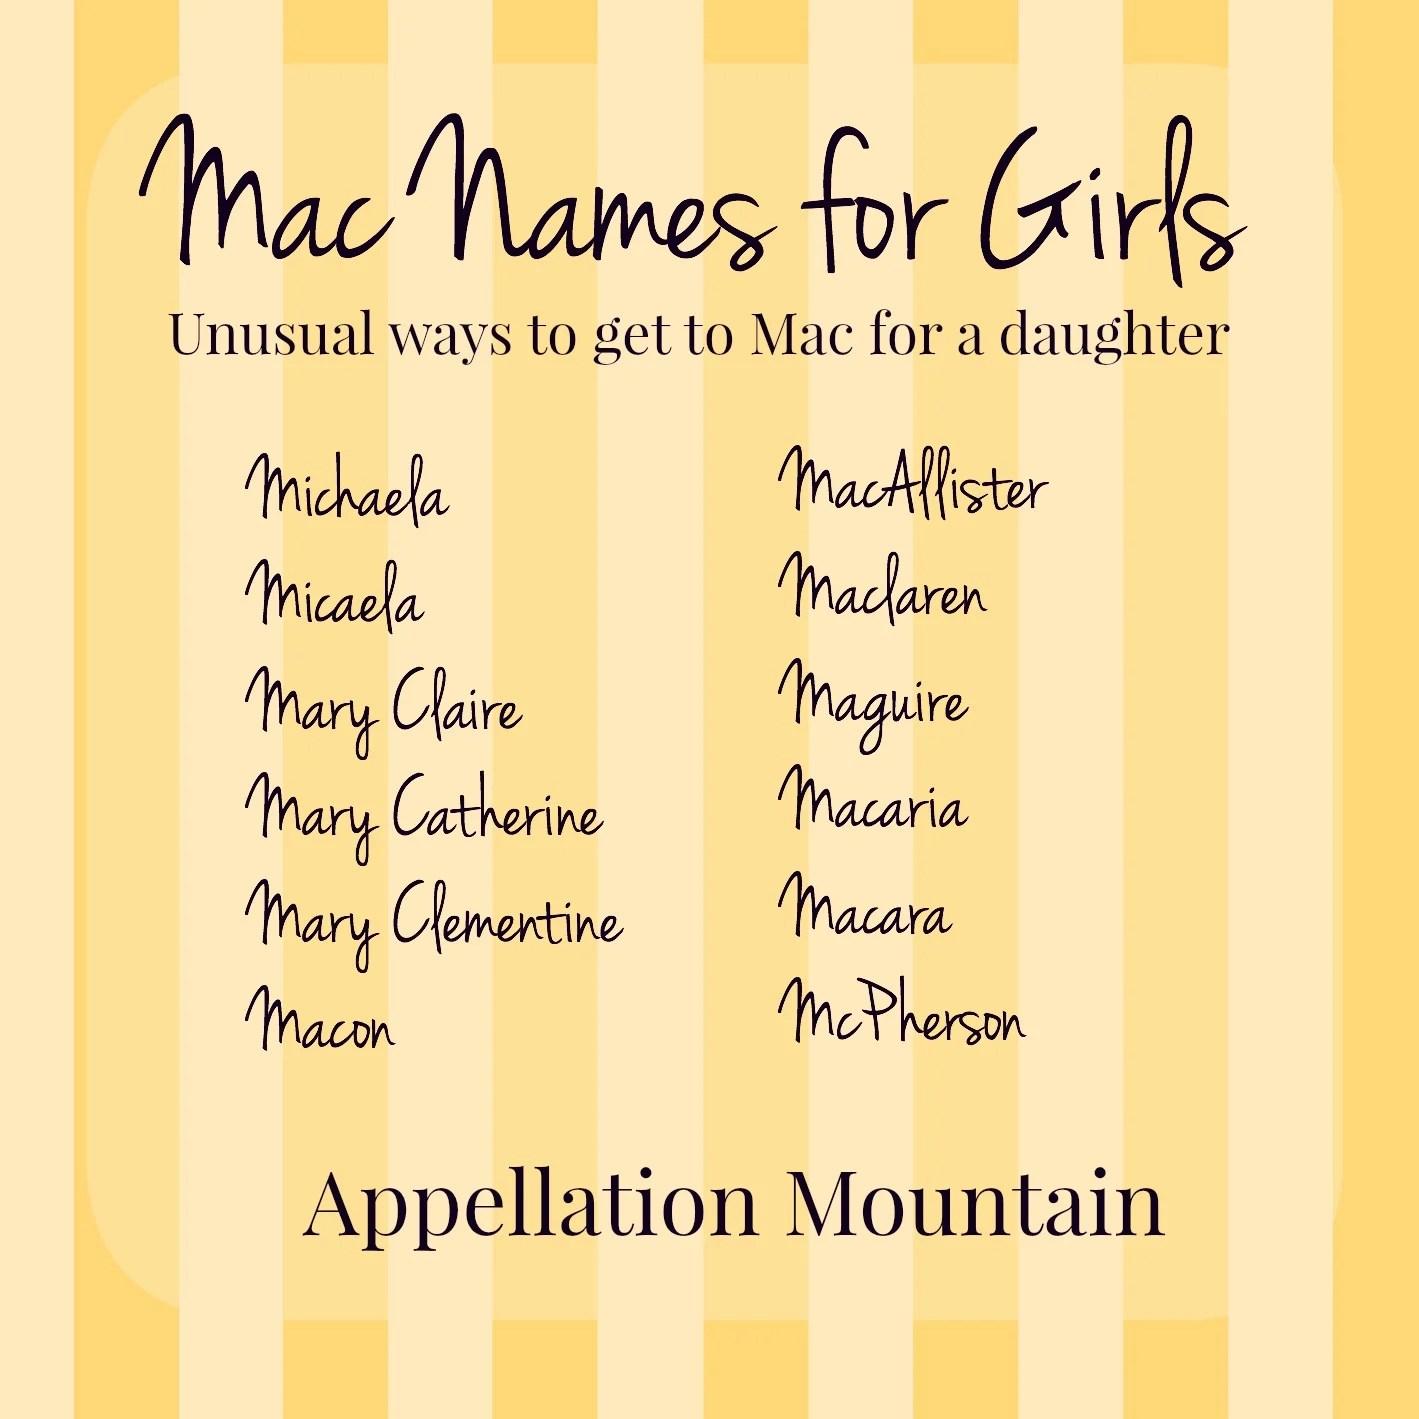 Loving Mean Names Girl